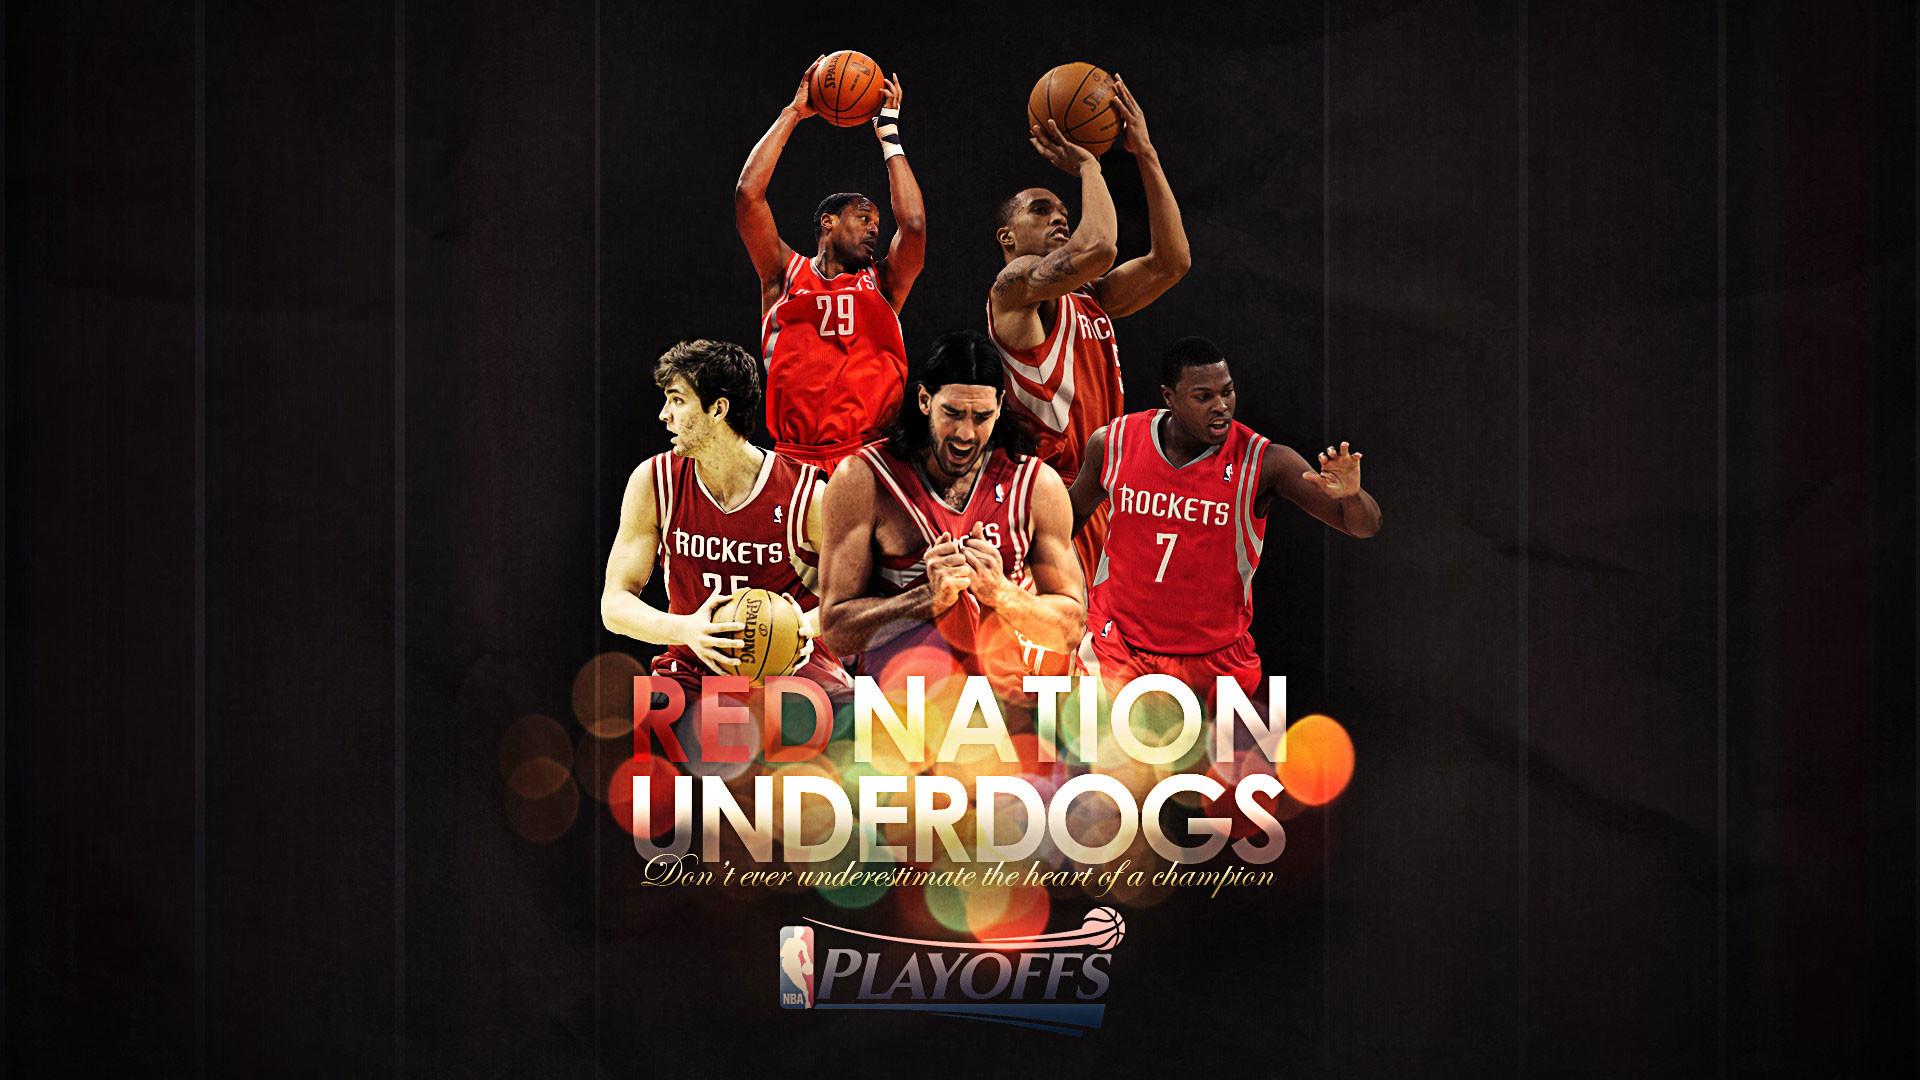 Rockets 2012 Playoffs Wallpaper